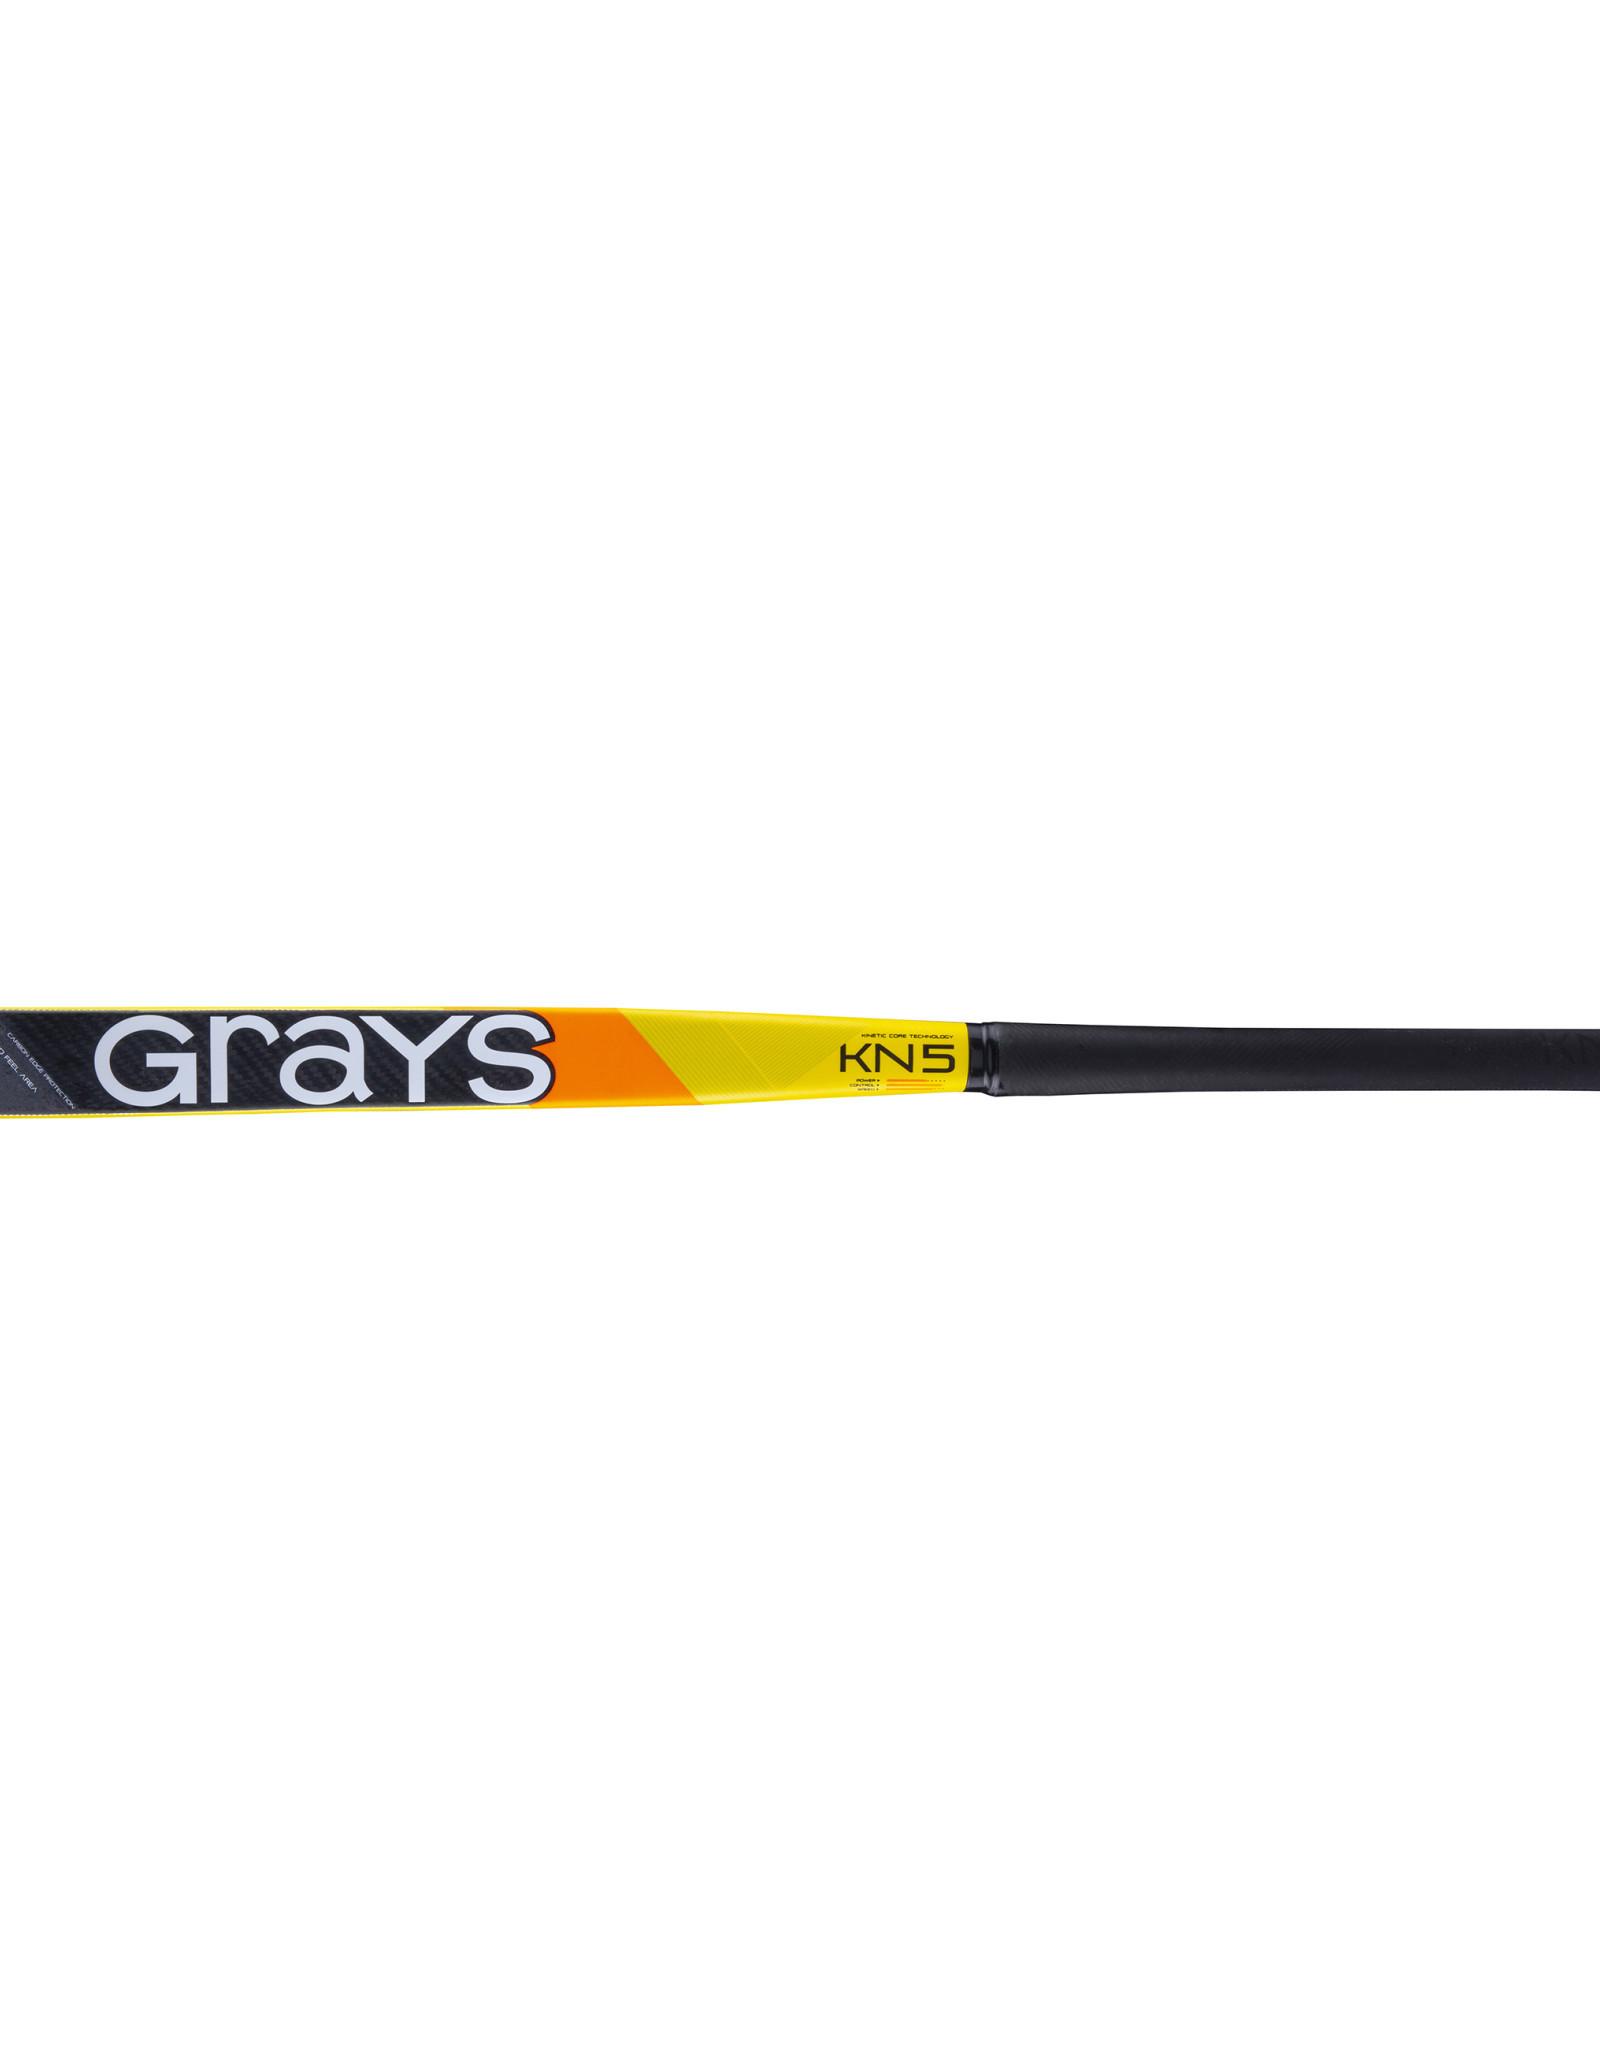 Grays STK KN5 DB MC